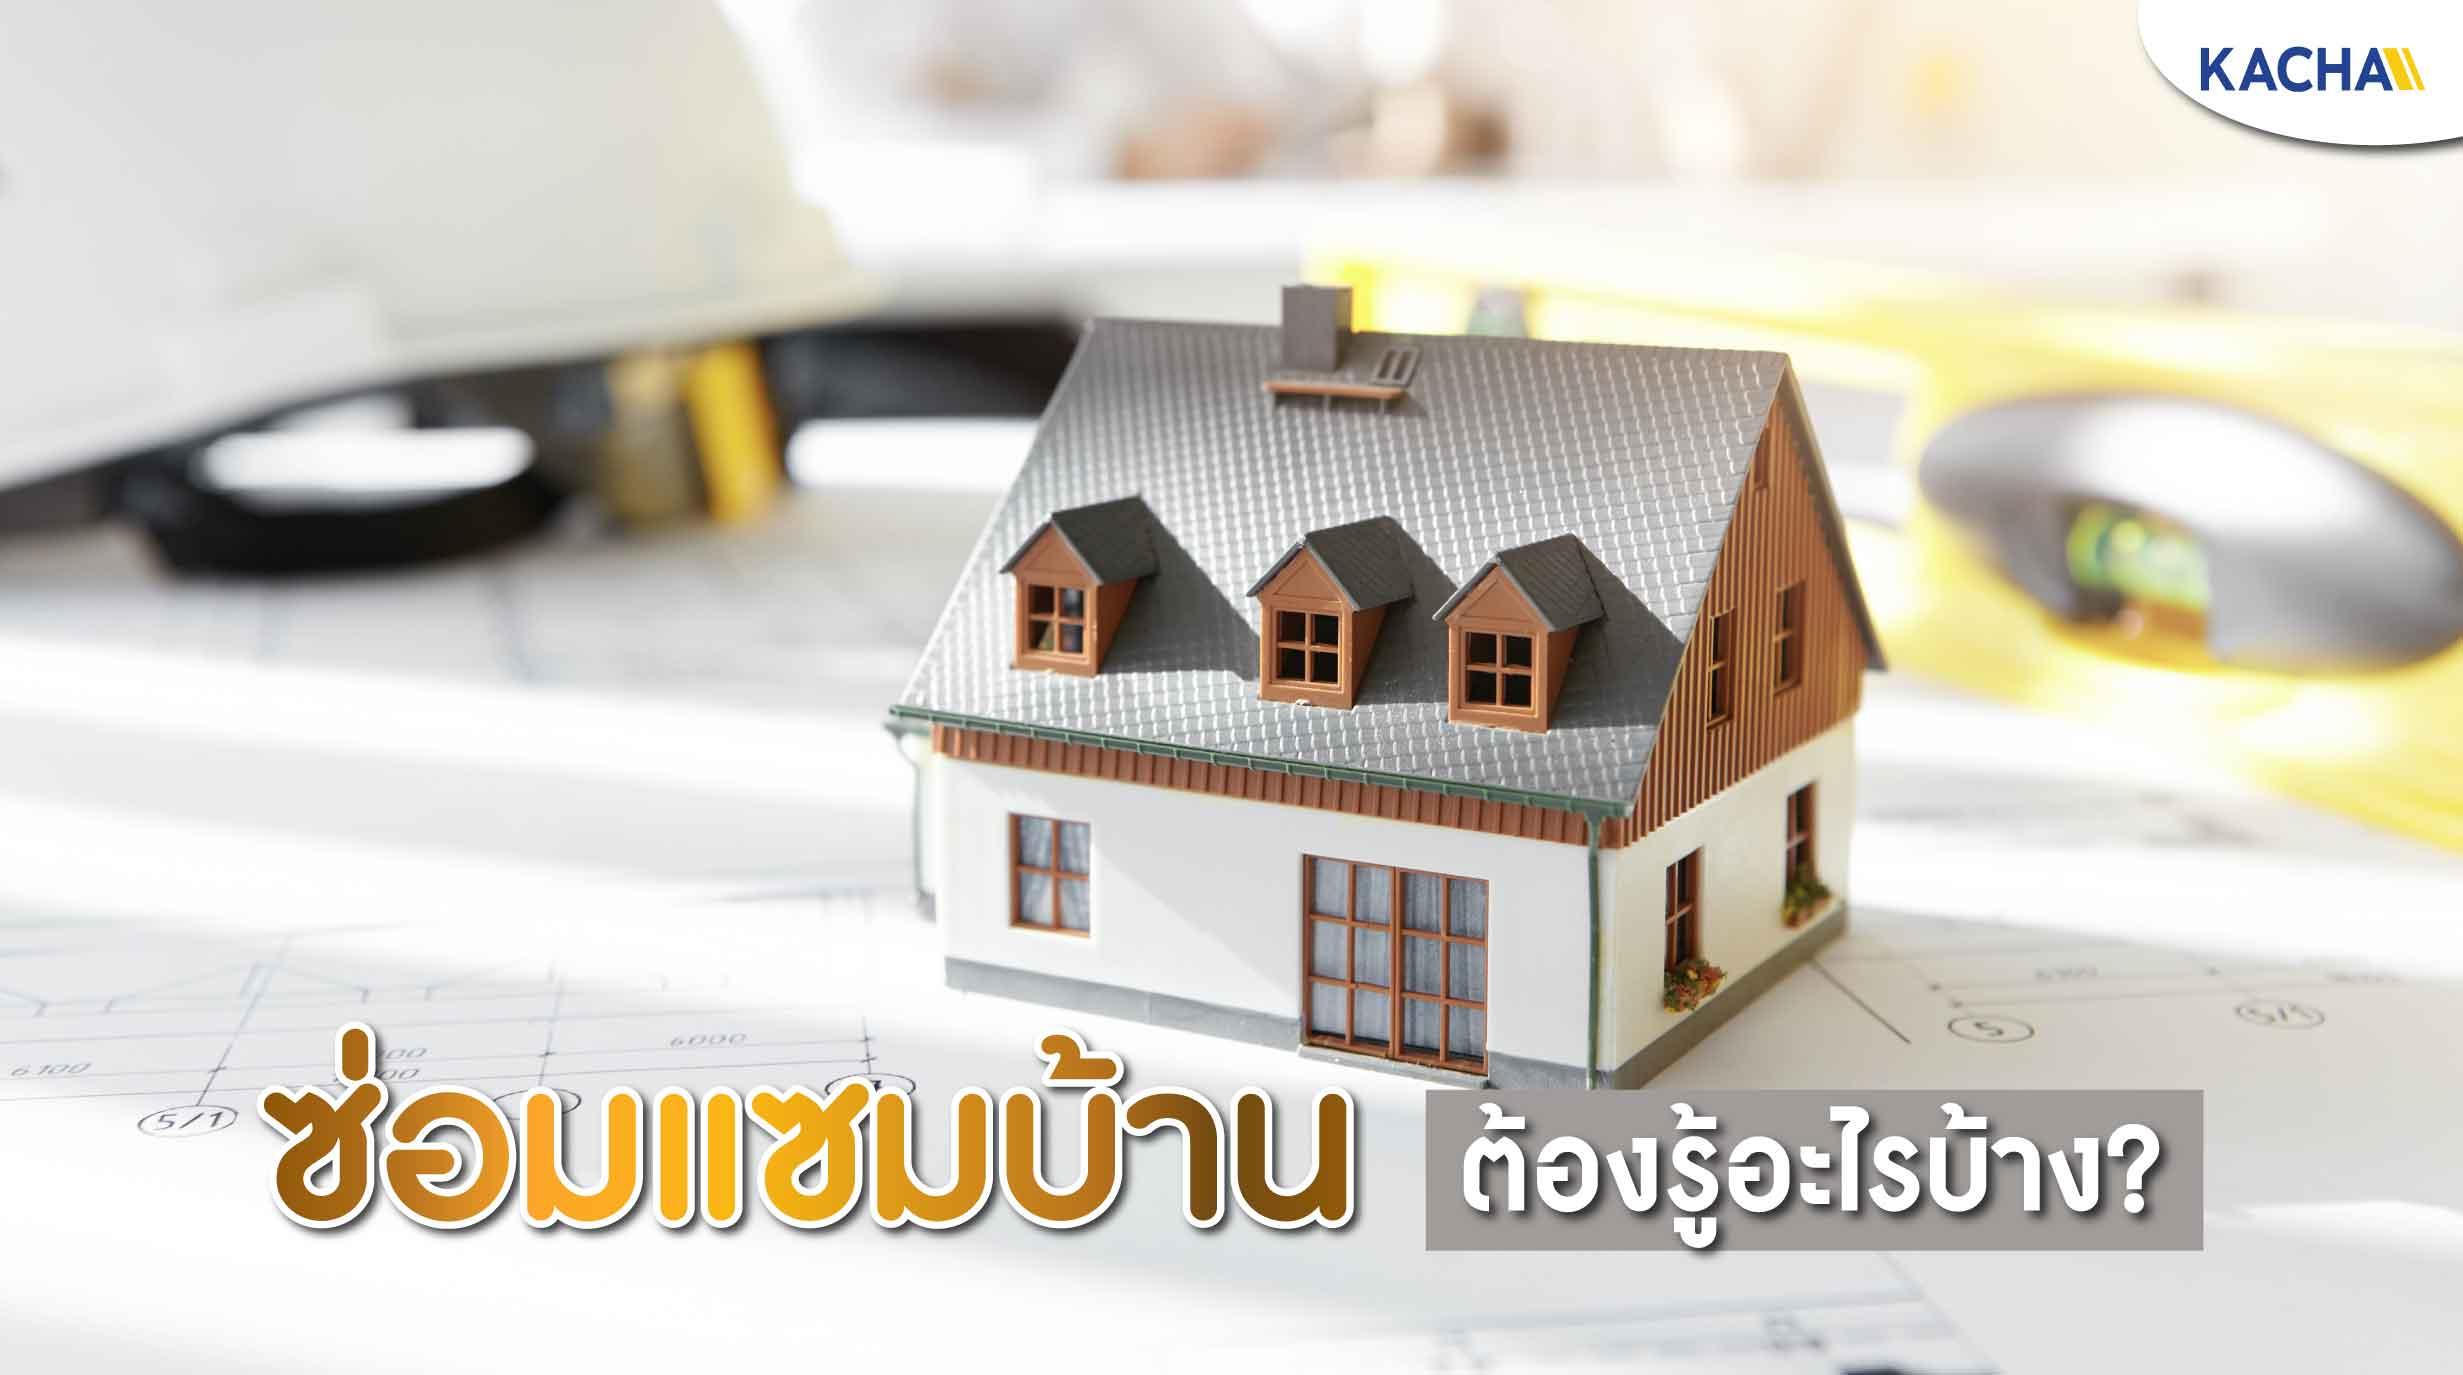 210909-Content-วางแผน-ซ่อมบ้าน-เรื่องง่ายๆ-ต้องรู้อะไรบ้าง-01